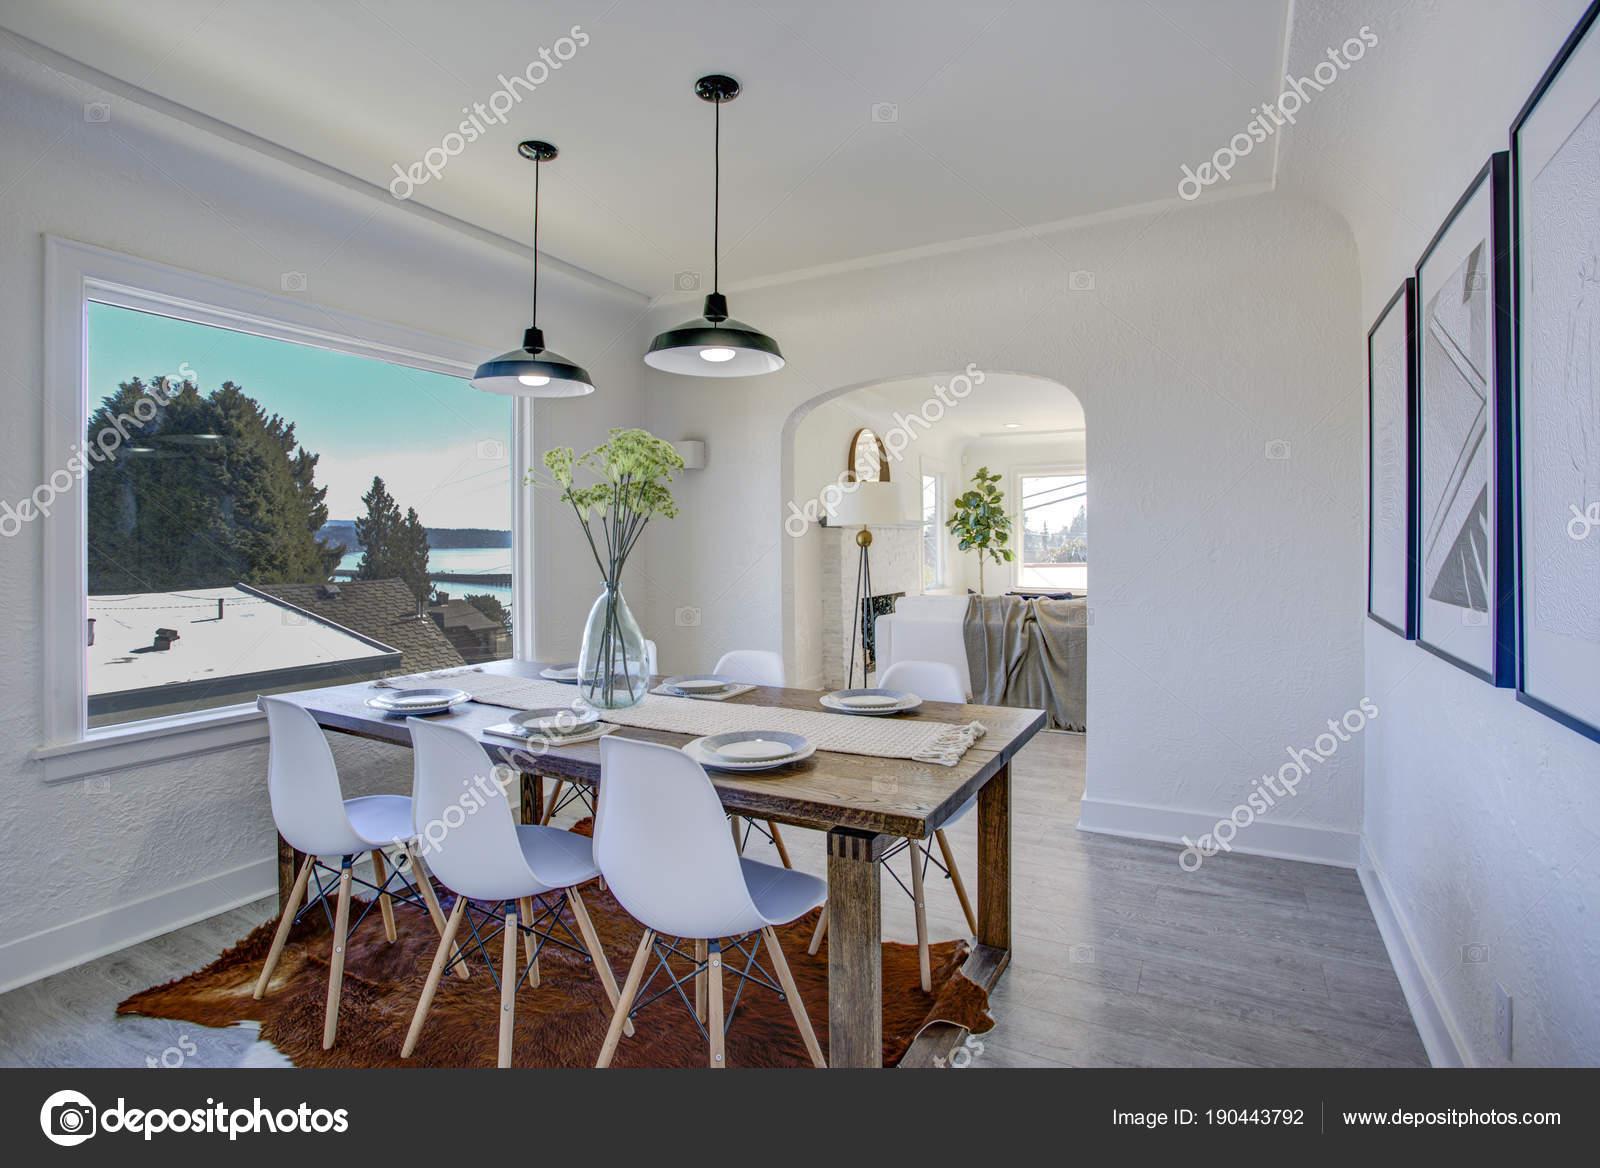 Tavoli Sala Da Pranzo In Legno : Sala da pranzo con tavolo in legno e pareti bianche u foto stock